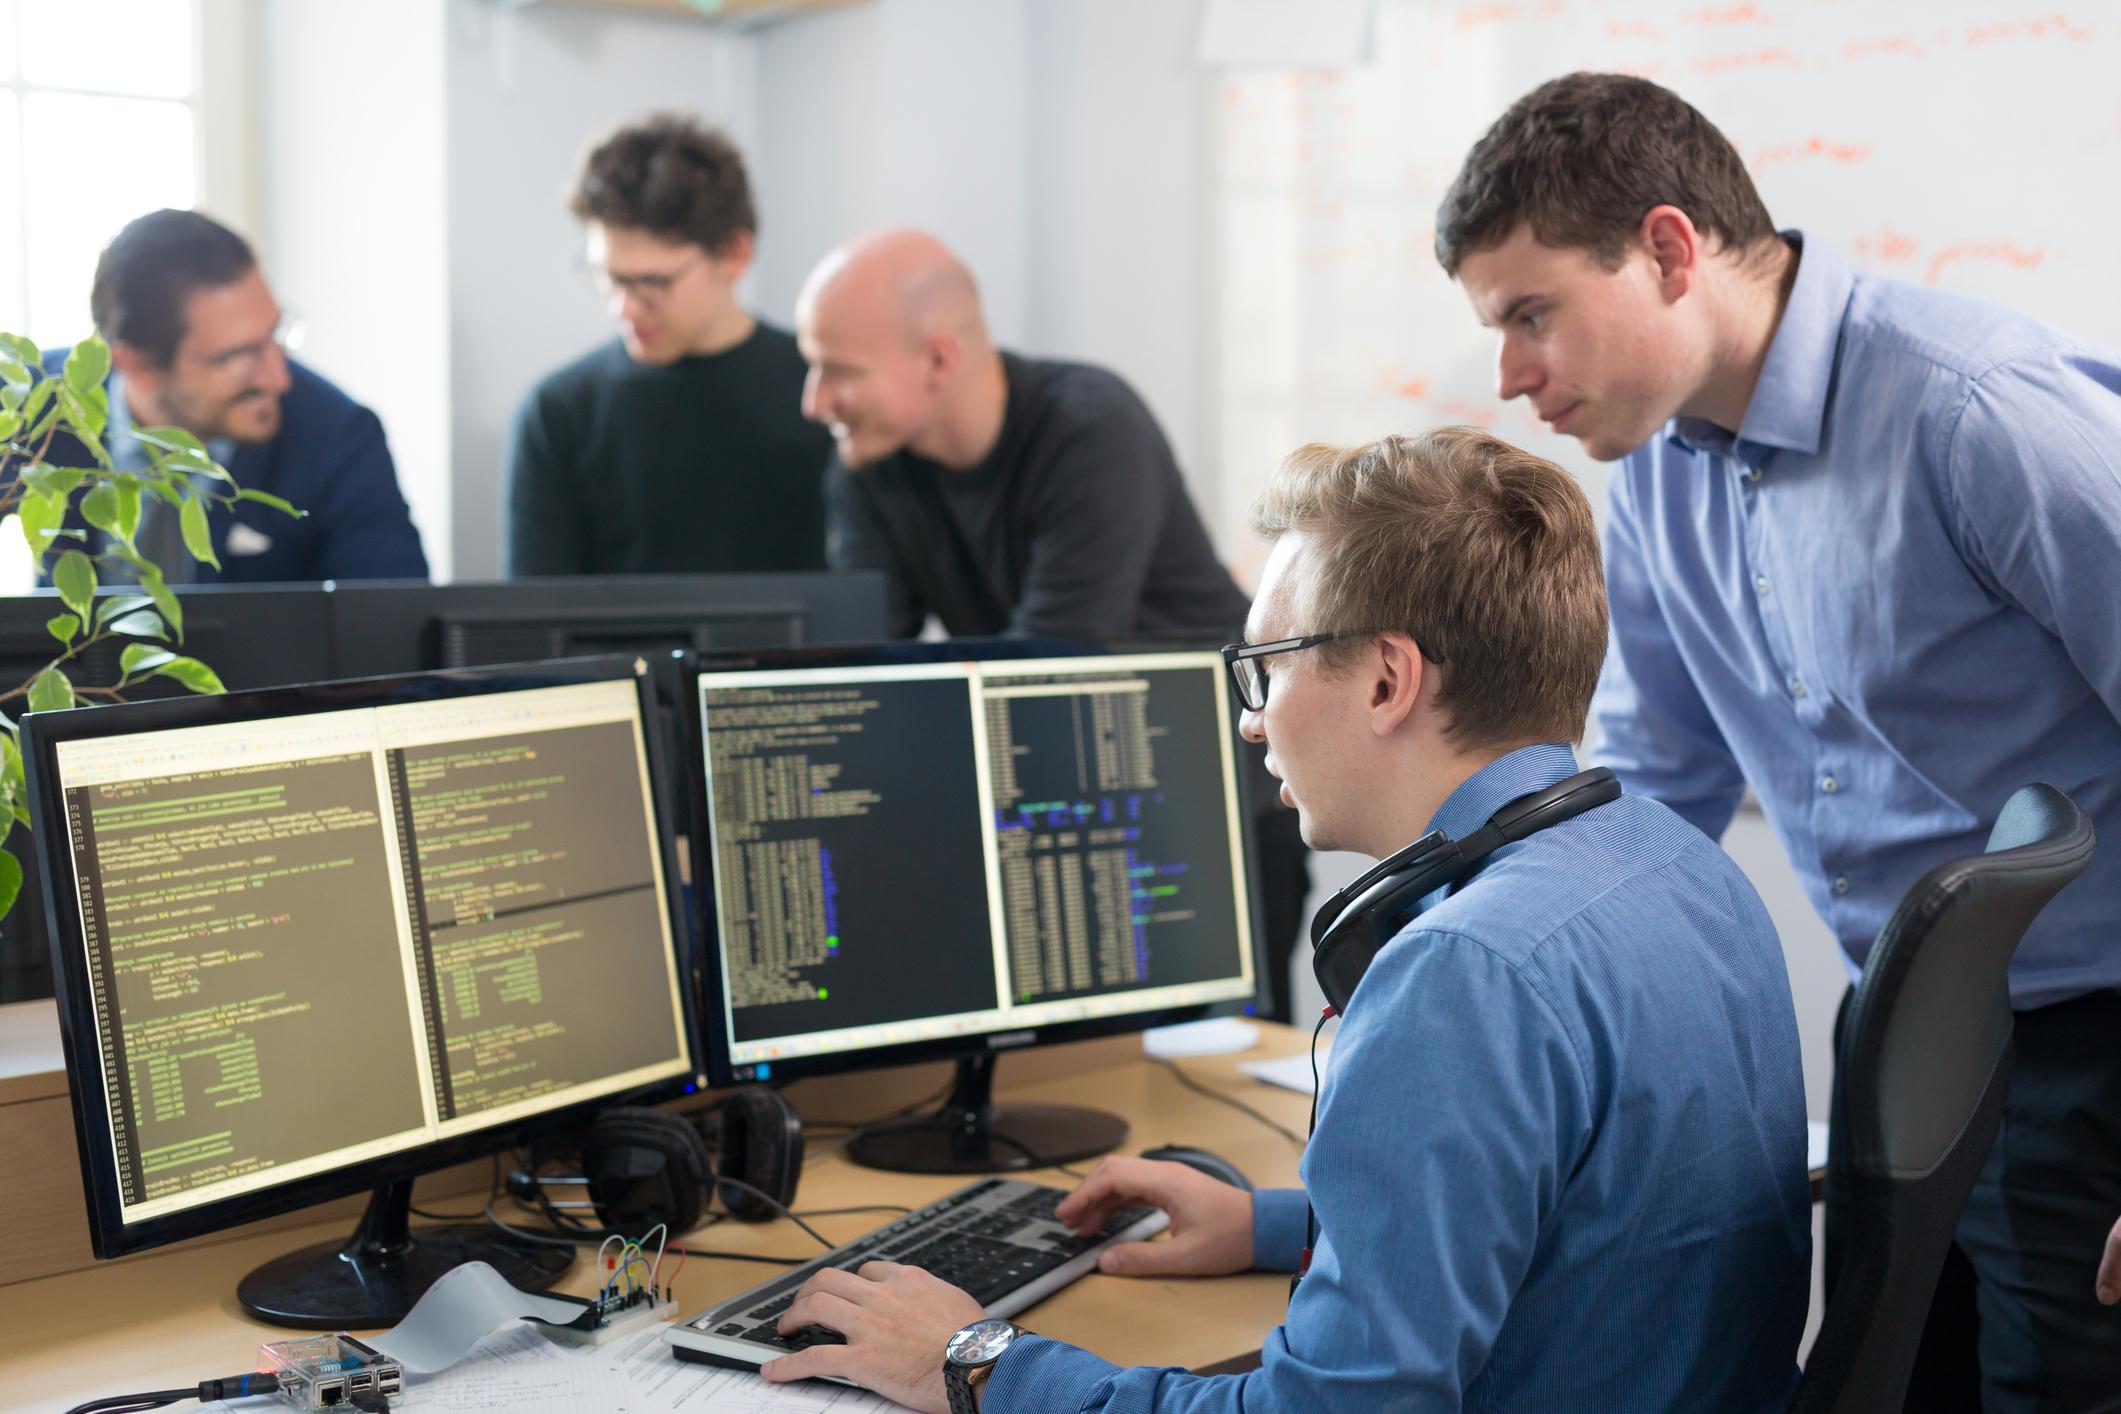 Full Stack Dev Workstation Full-Stack Web Developer